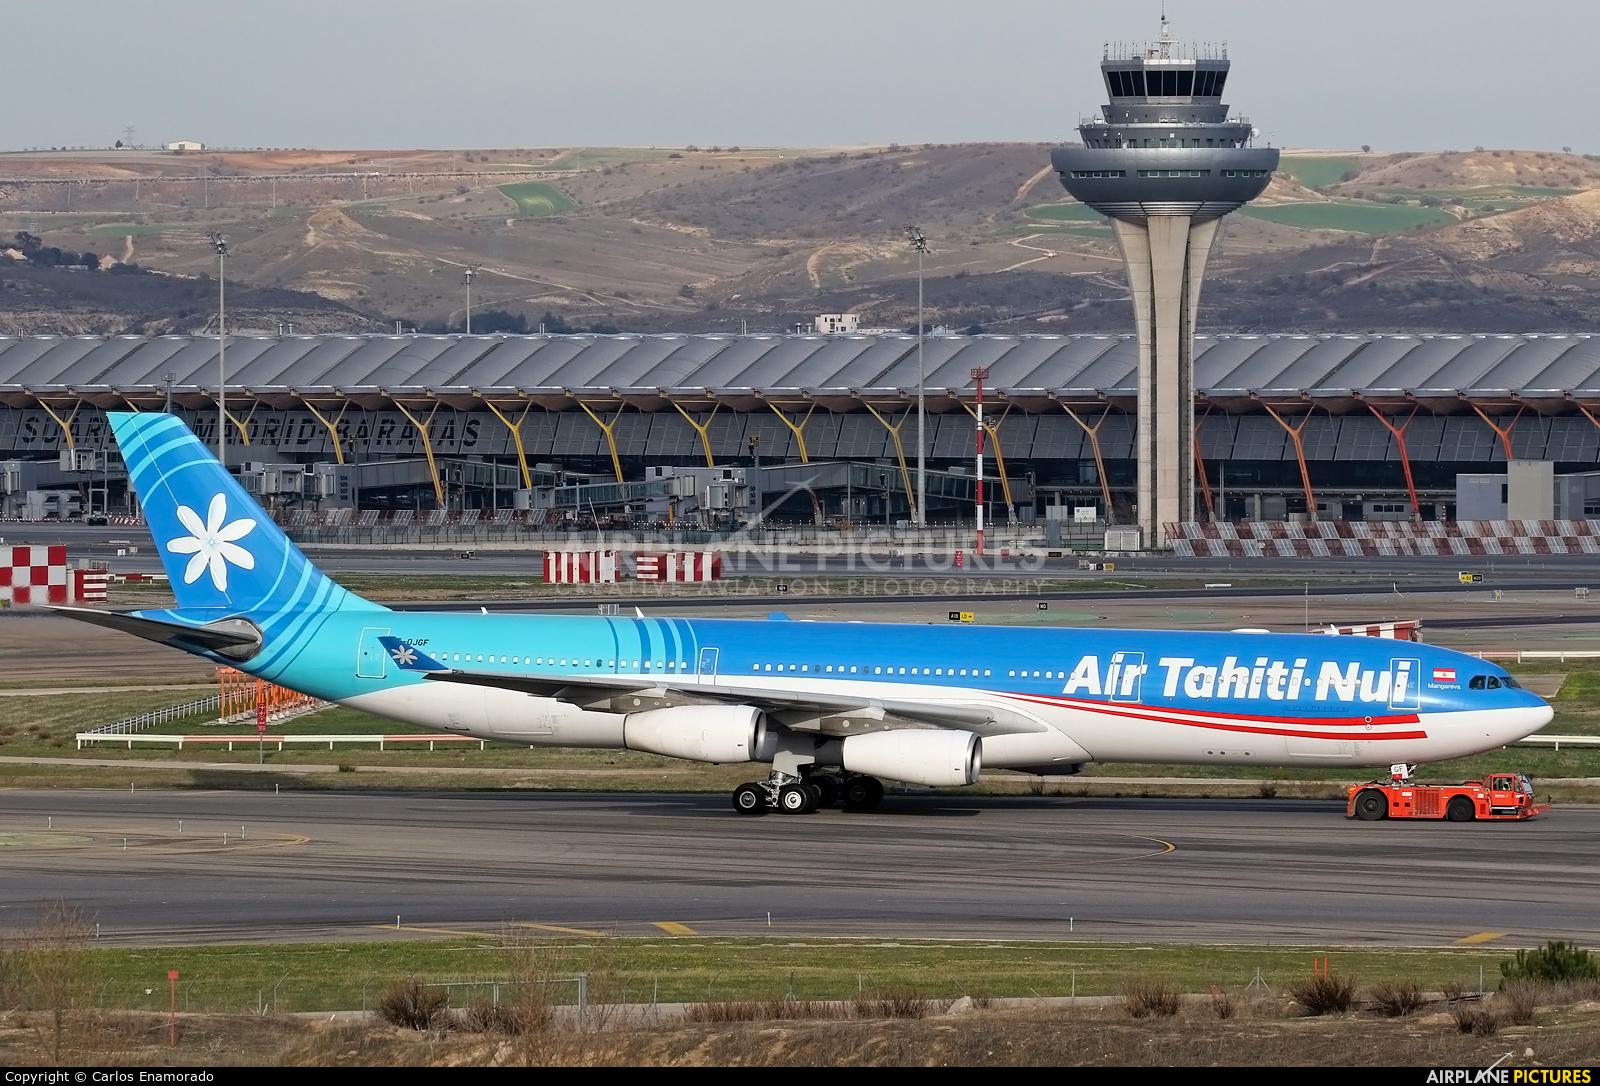 Air Tahiti Nui F-OJGF aircraft at Madrid - Barajas